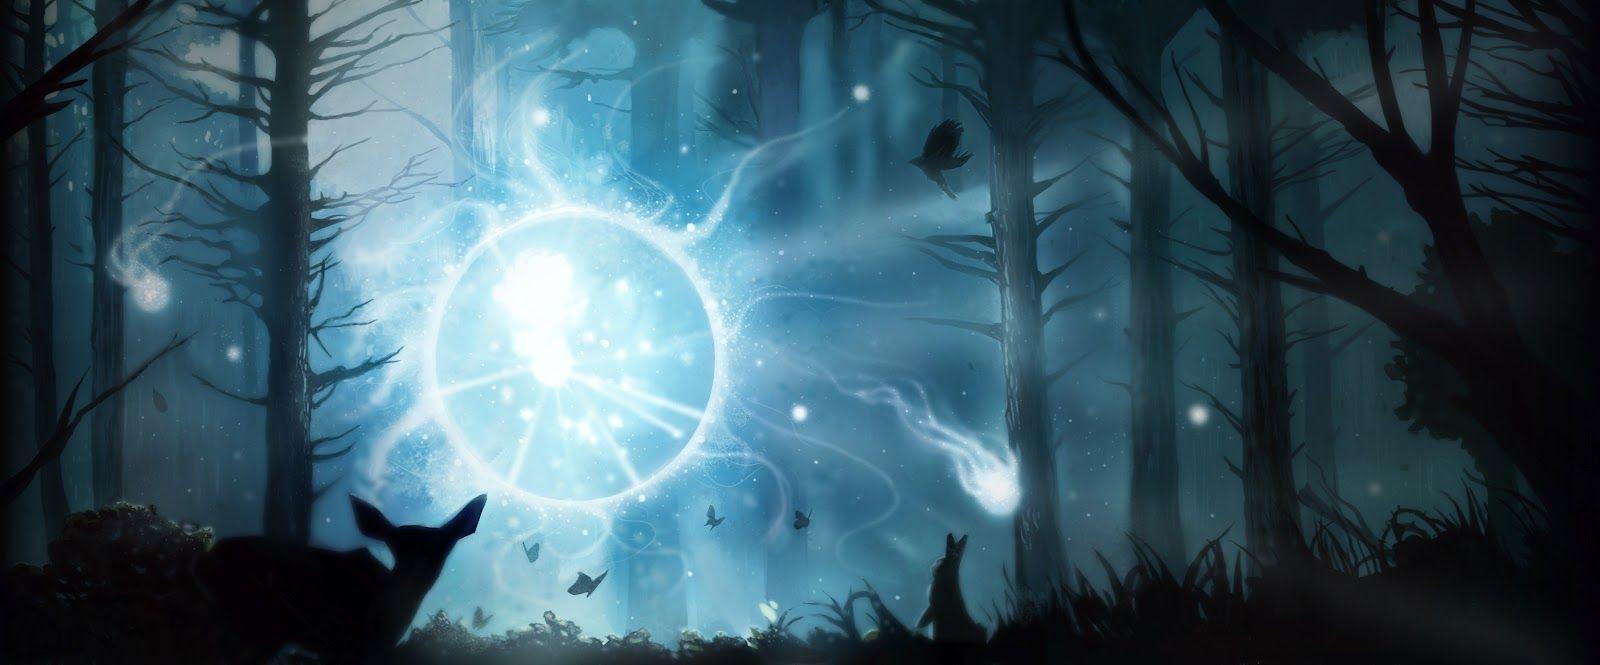 Some Valve Art From Portal Dota 2 Dota 2 Wallpaper Dota 2 Wallpaper Dark souls dual monitor wallpaper